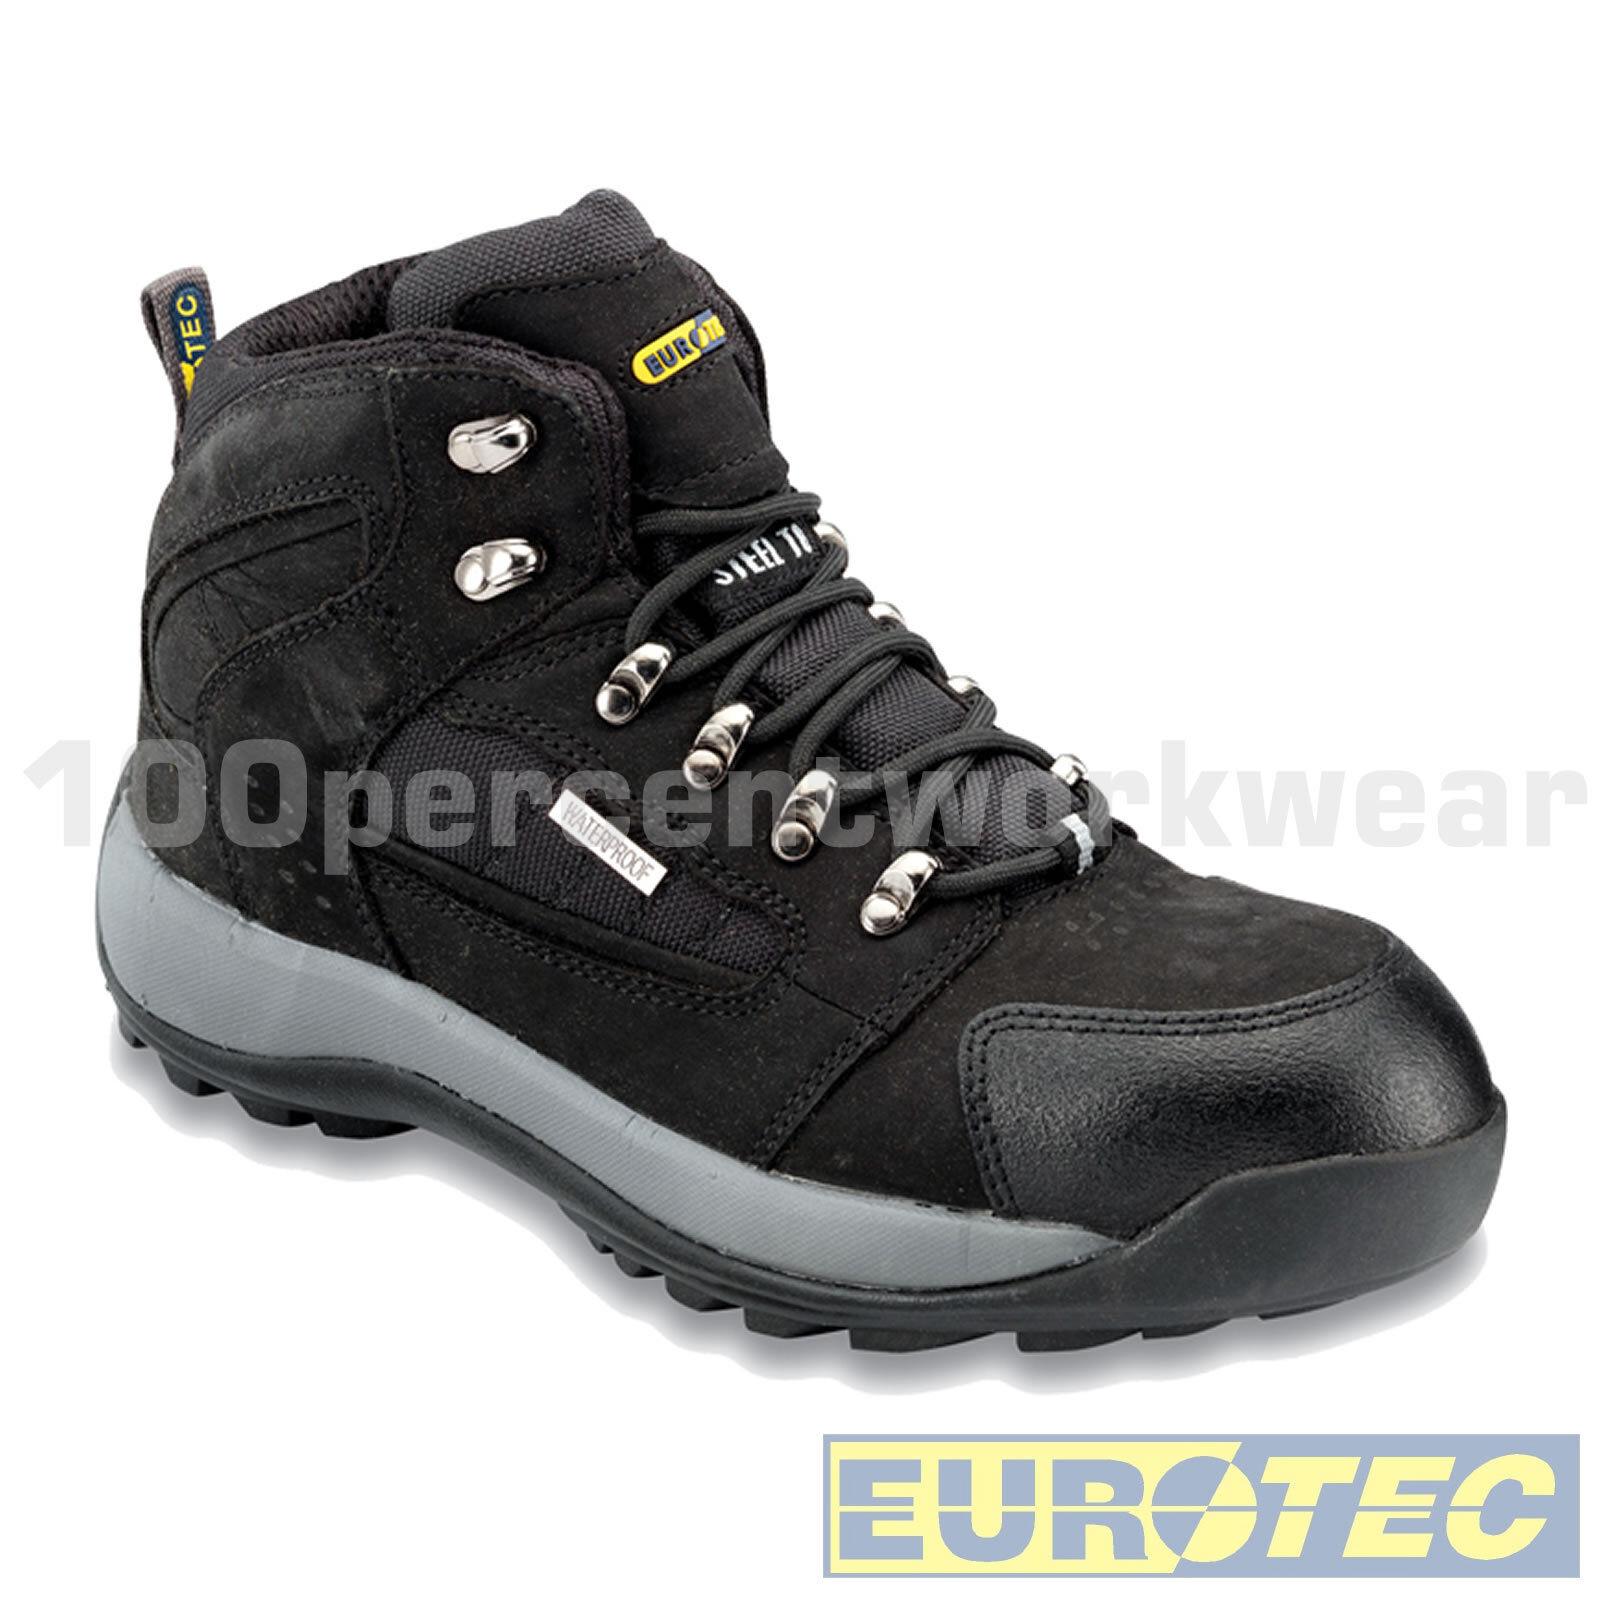 Eurotec 706SM Sécurité Travail Noir Bottes Homme Noir Travail Ran eur Nubuck Imperméable Steel Toe Cap 6910f0